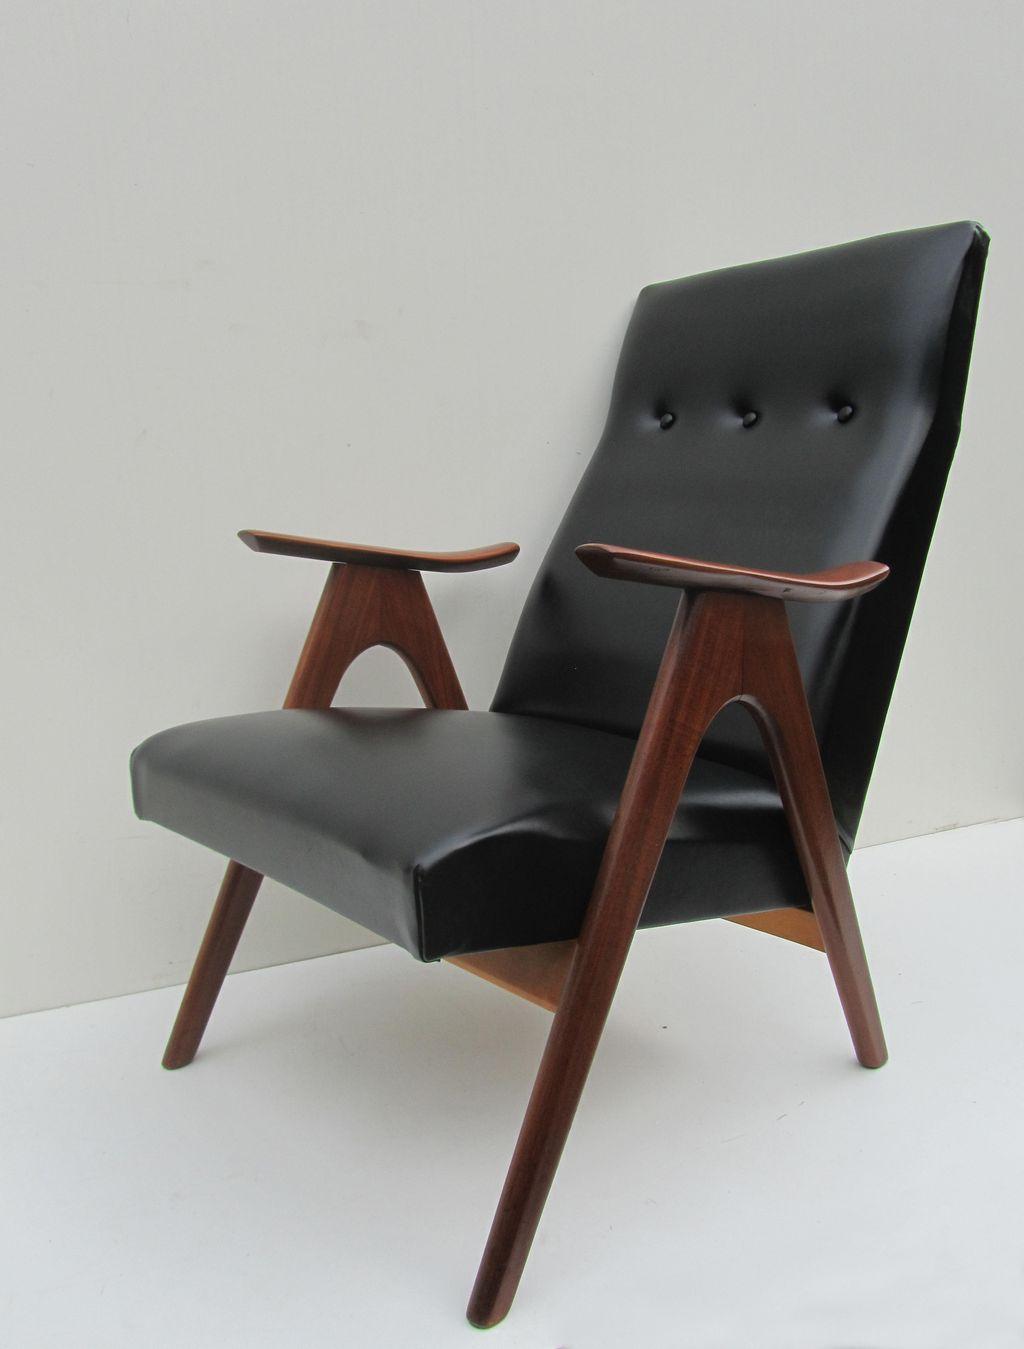 Vintage teak retro fauteuil lounge chair